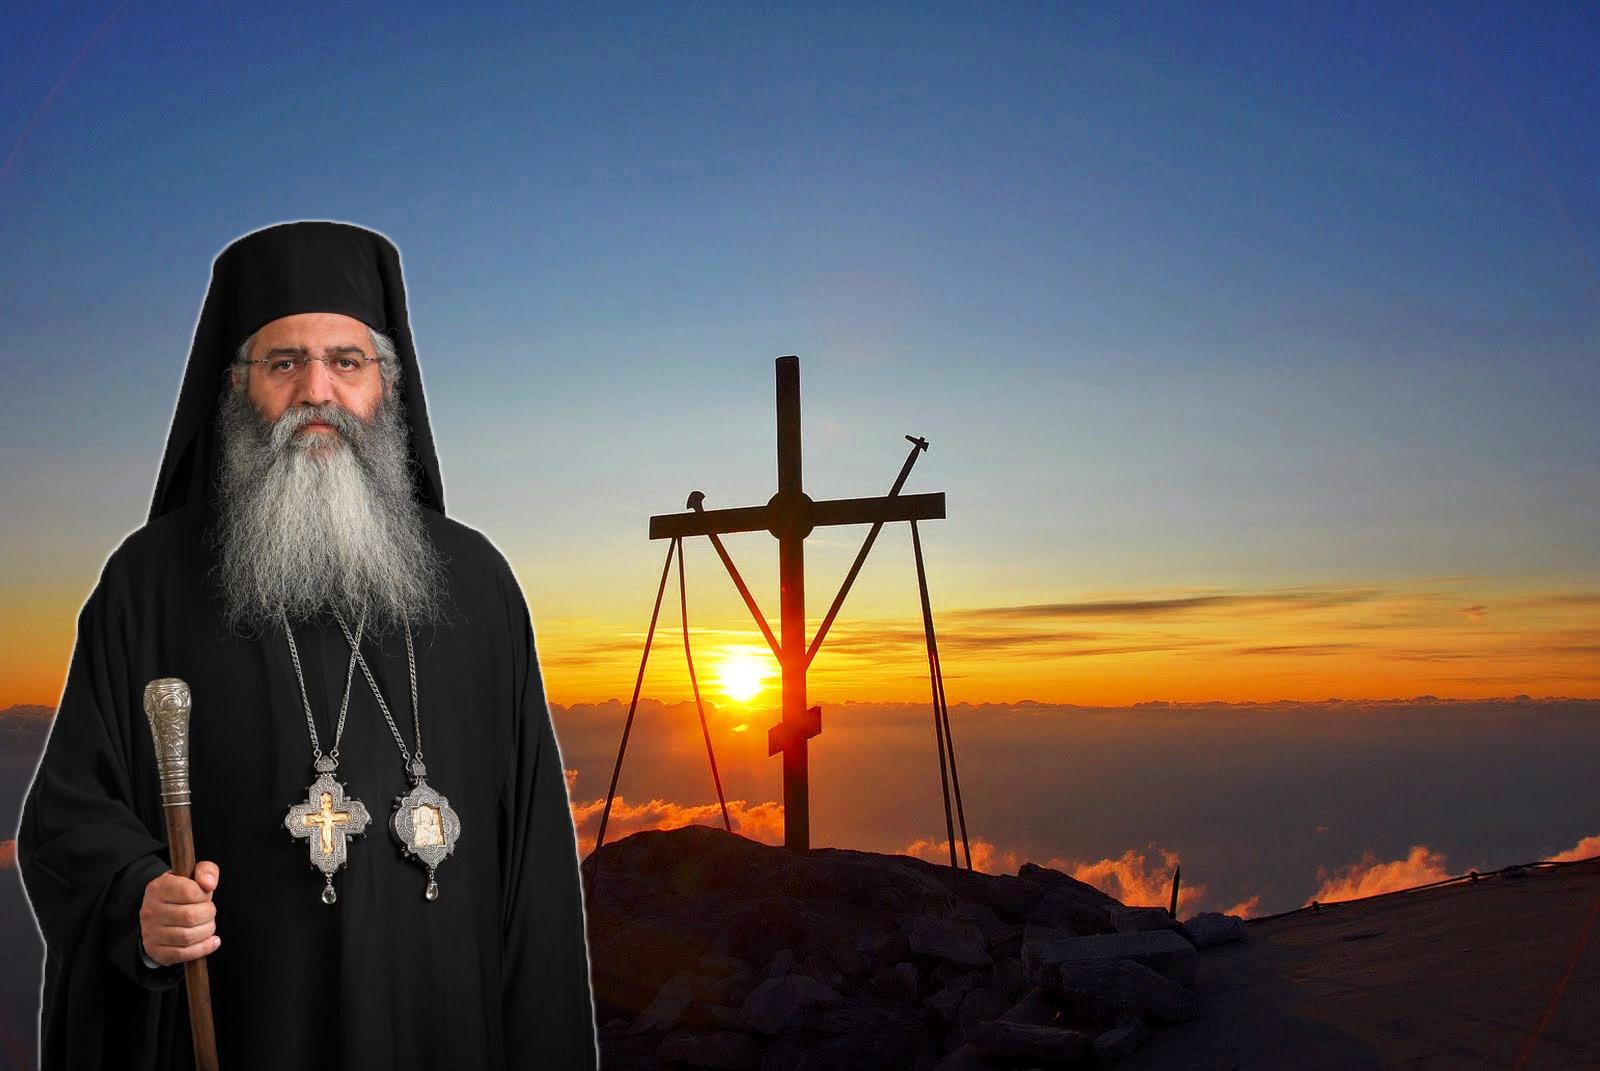 Αποτέλεσμα εικόνας για Μόρφου Νεόφυτος: Η πίστη ως στήριγμα στα γεγονότα που έρχονται (ΒΙΝΤΕΟ)